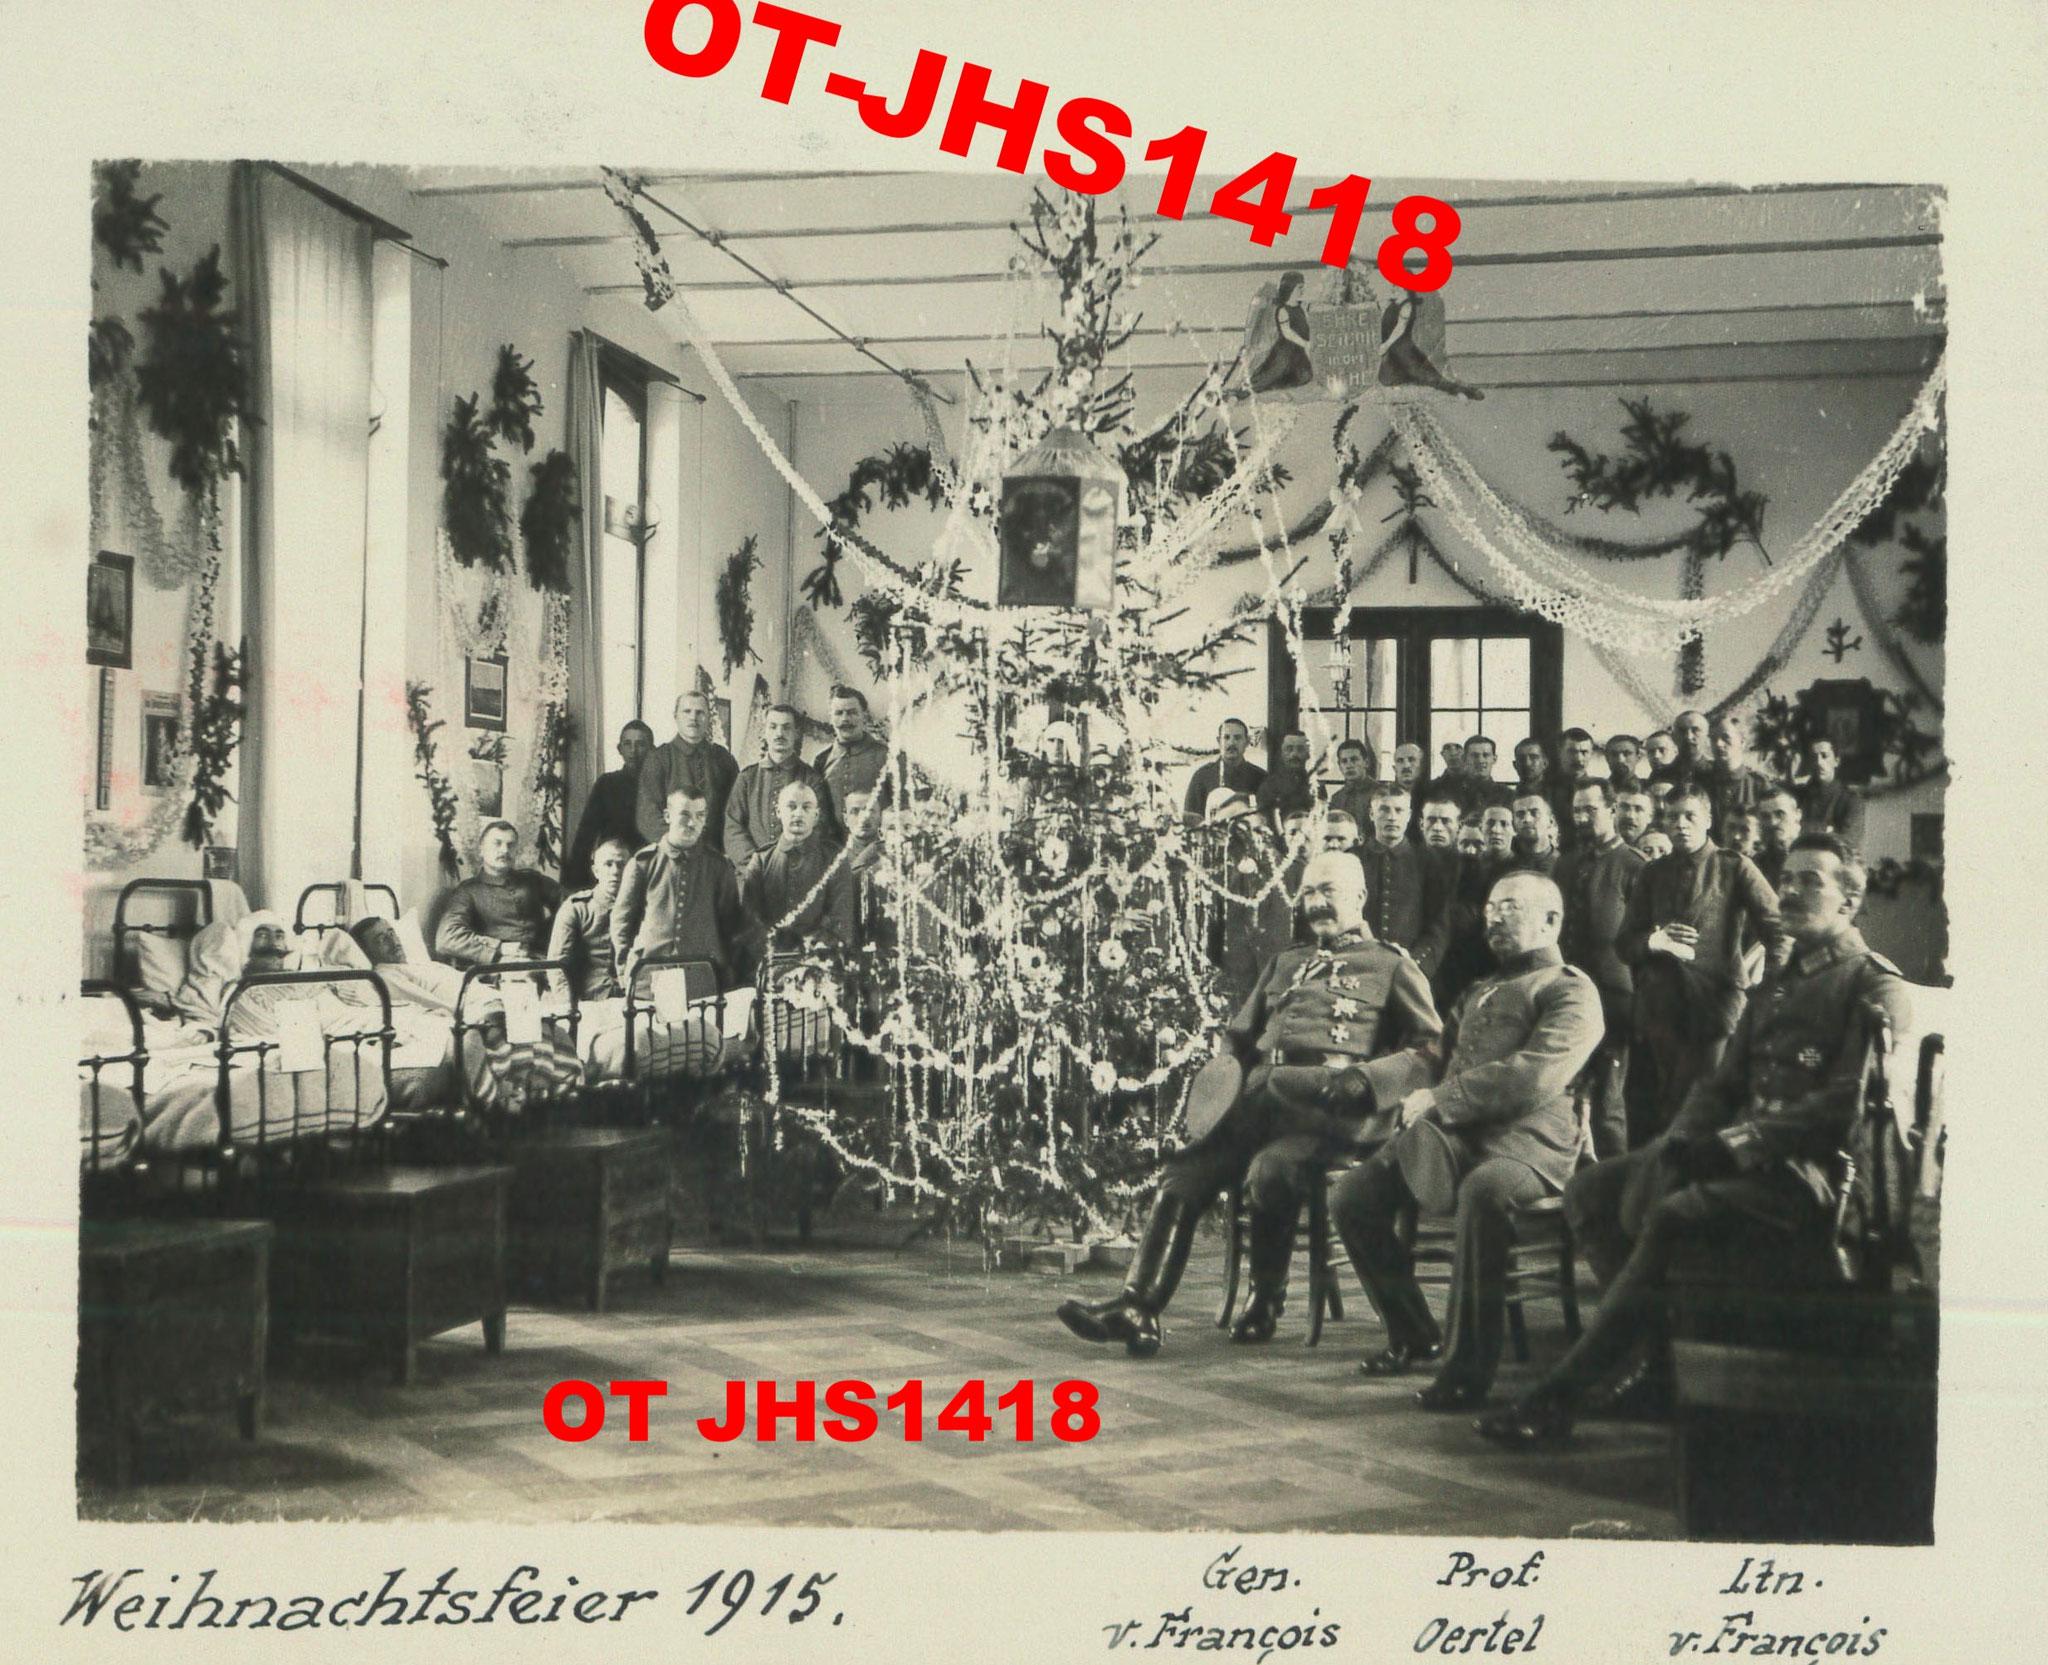 Archives OT JHS14-18 - chambrée - visite des officiers aux blessés à l'Hôpital Notre-Dame, Noël 1915 (Reproduction et copie interdites)